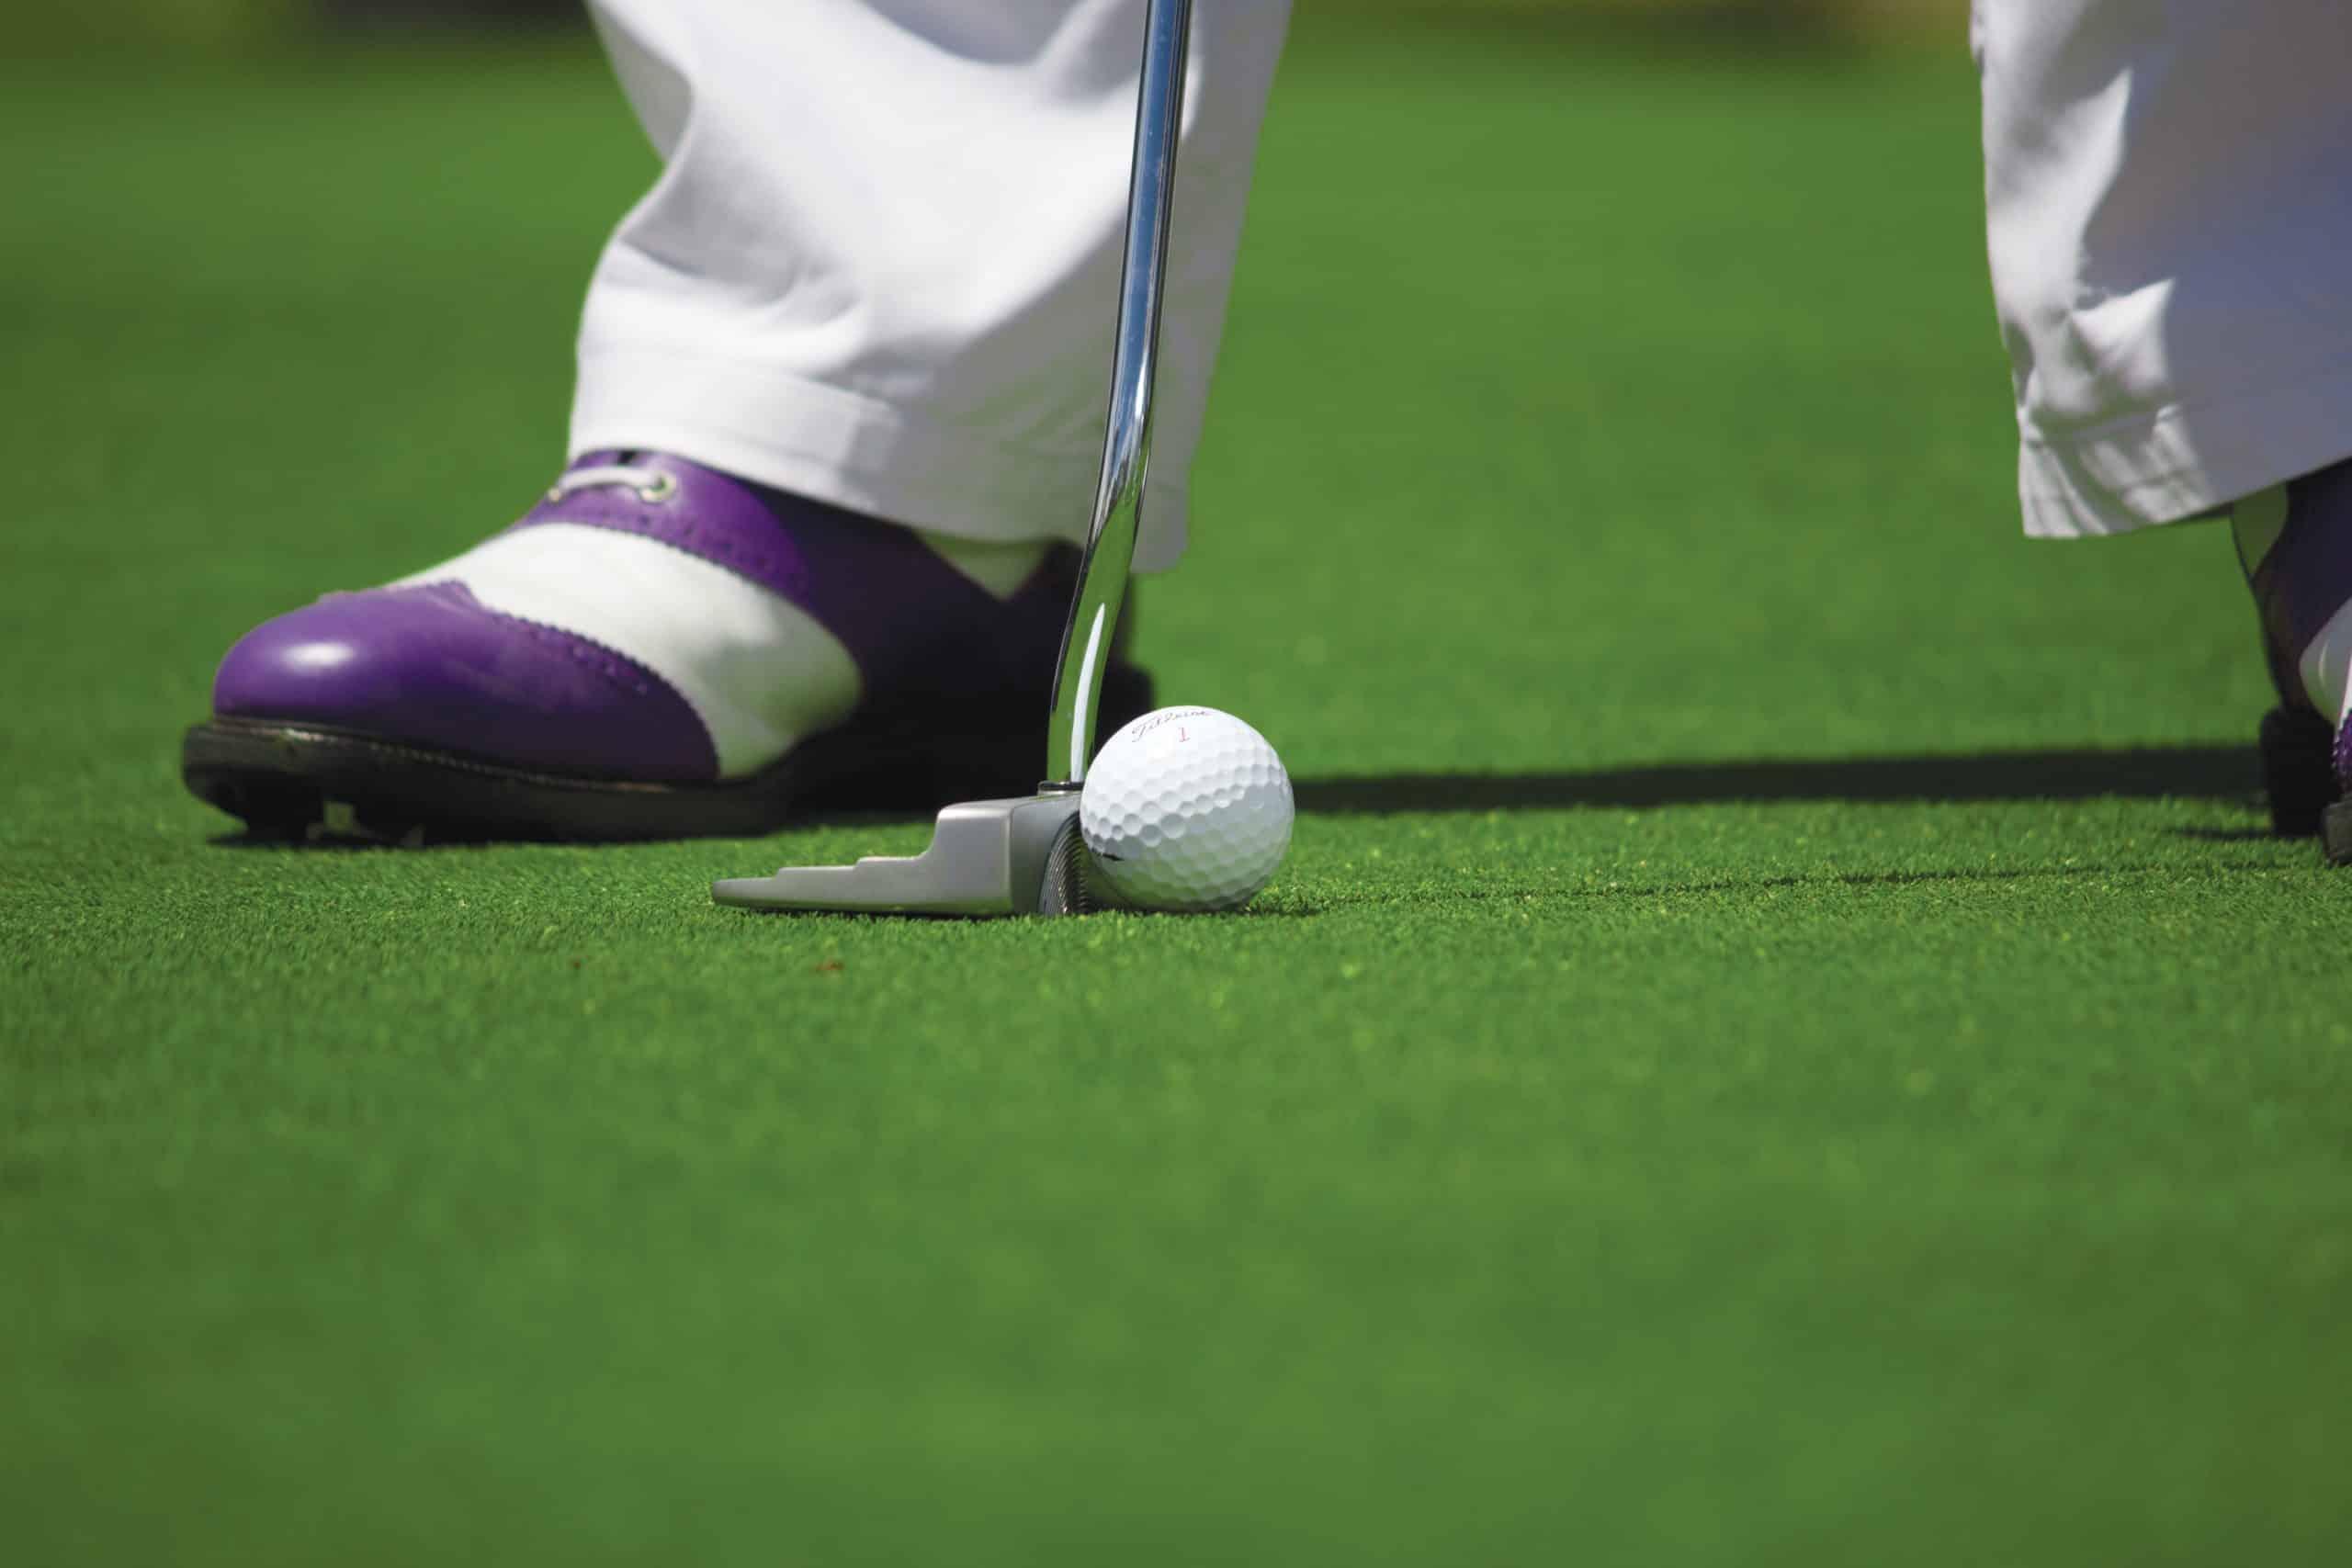 golf-putting-coaching-subang-jaya